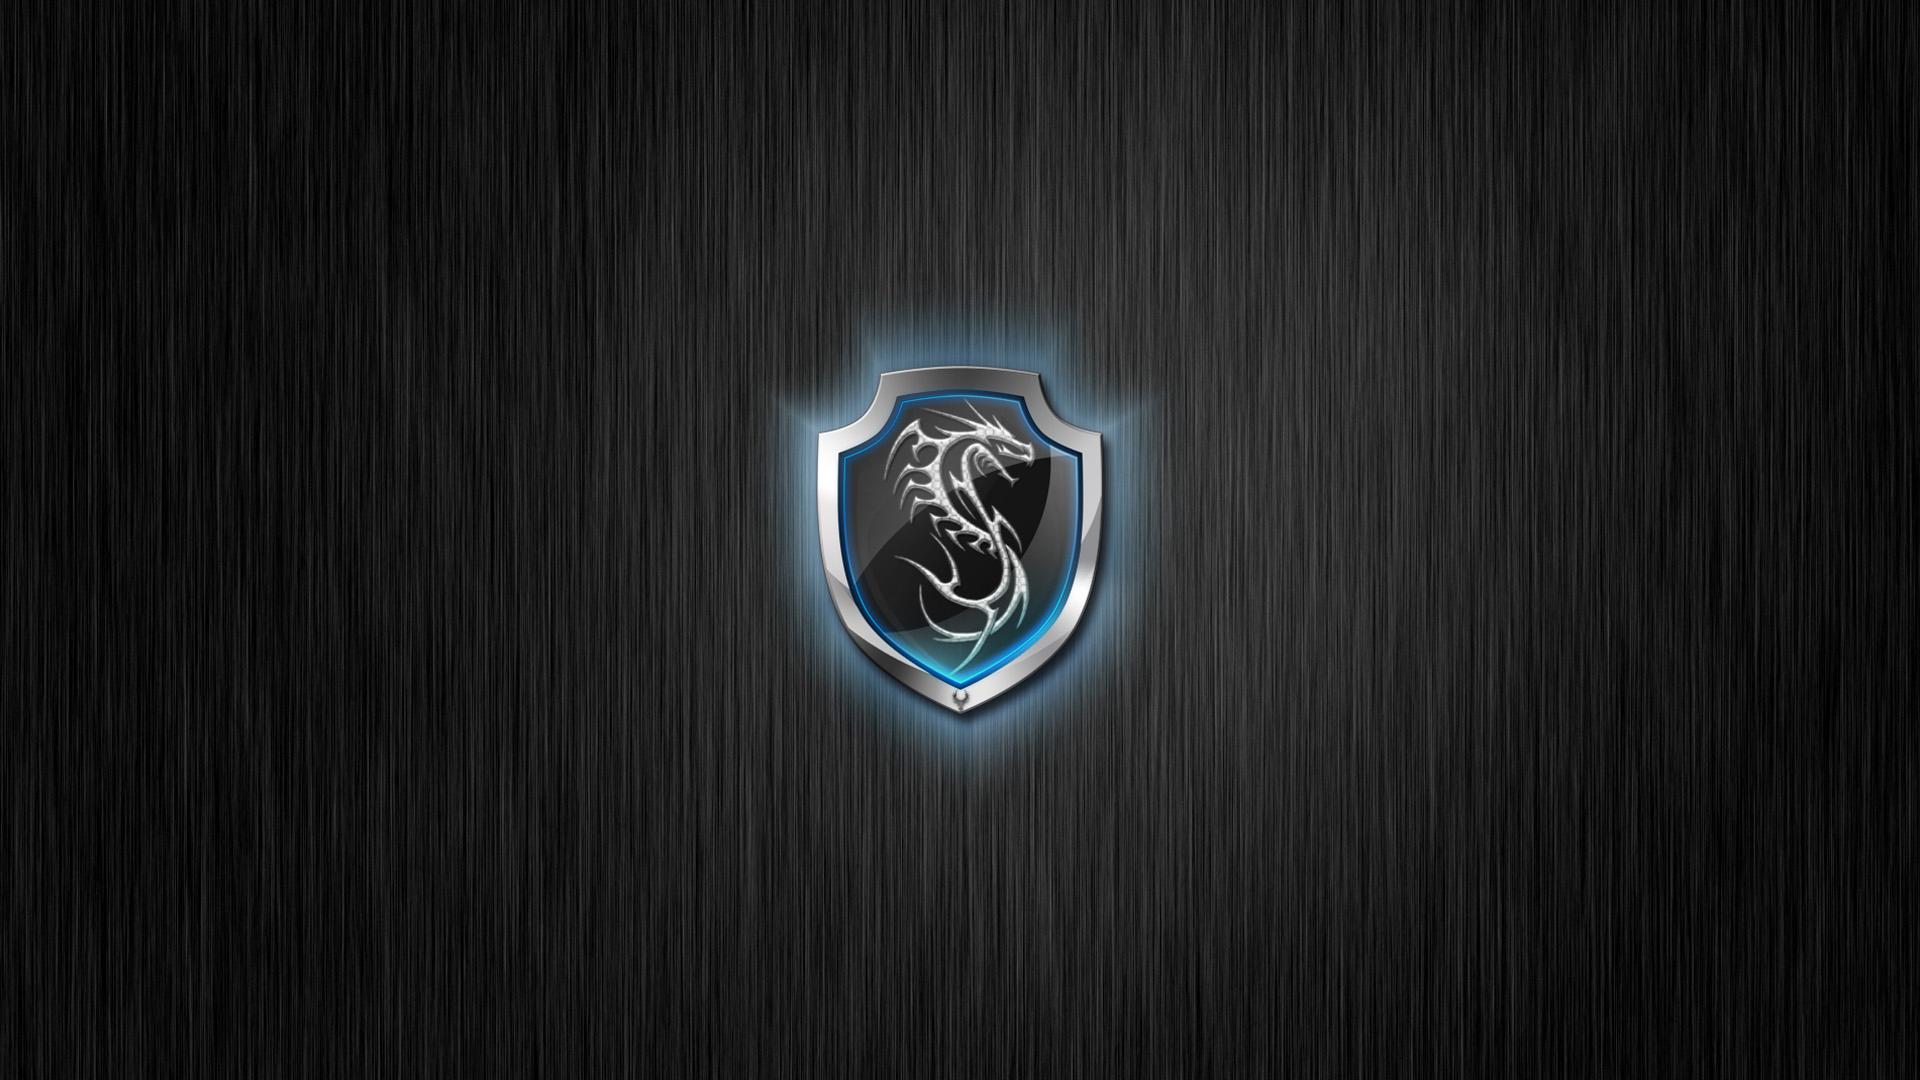 white dragon logo black and white dragon logo black and white happy 1920x1080